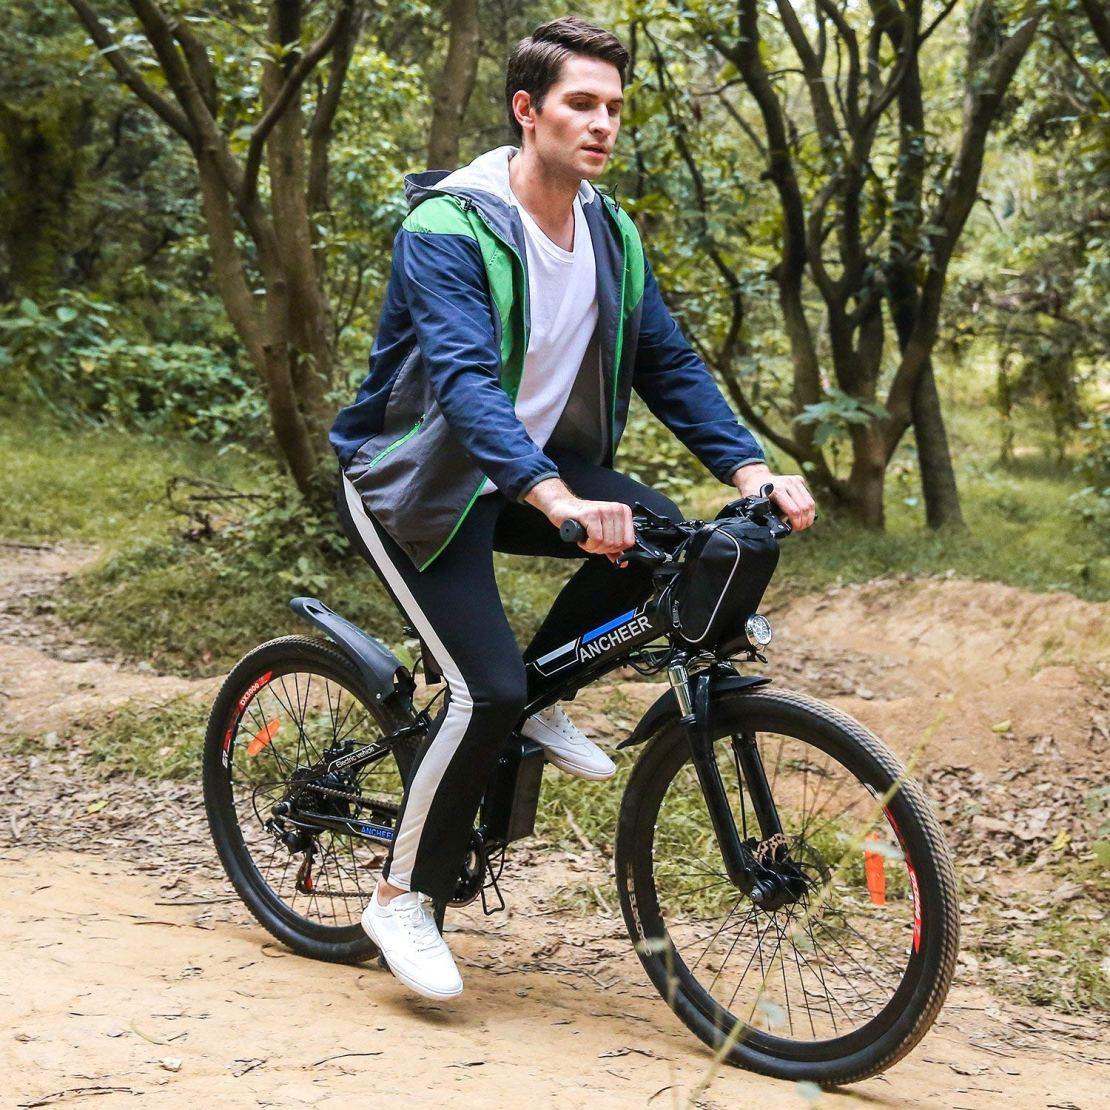 81shV5cQ4iL. SL1500  - 10 Best Electric Bikes 2019